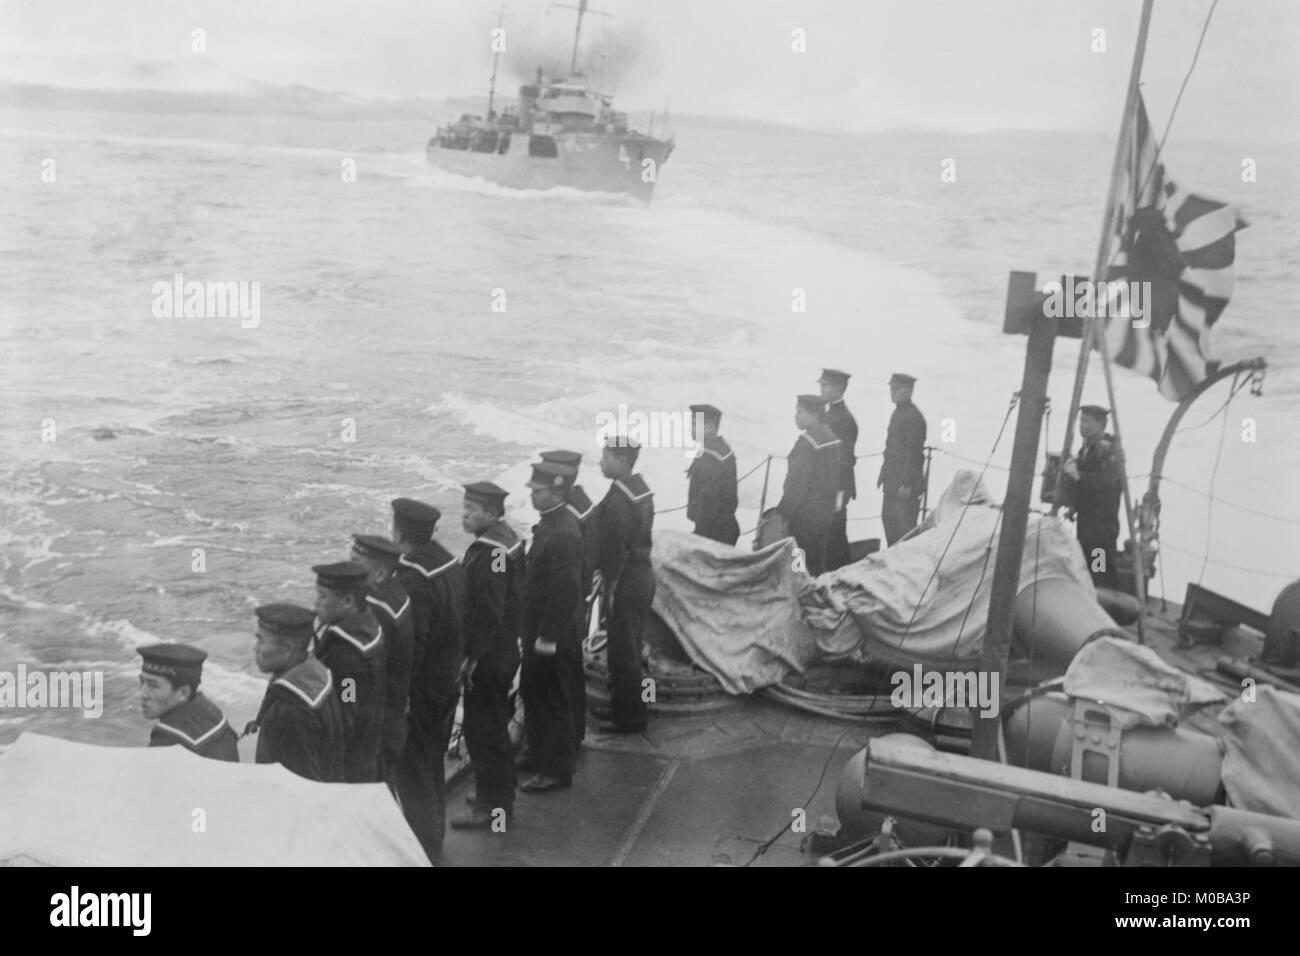 Naval Crew auf japanischen Schiff begrüßt und fliegt die Admiralität Flagge Stockbild